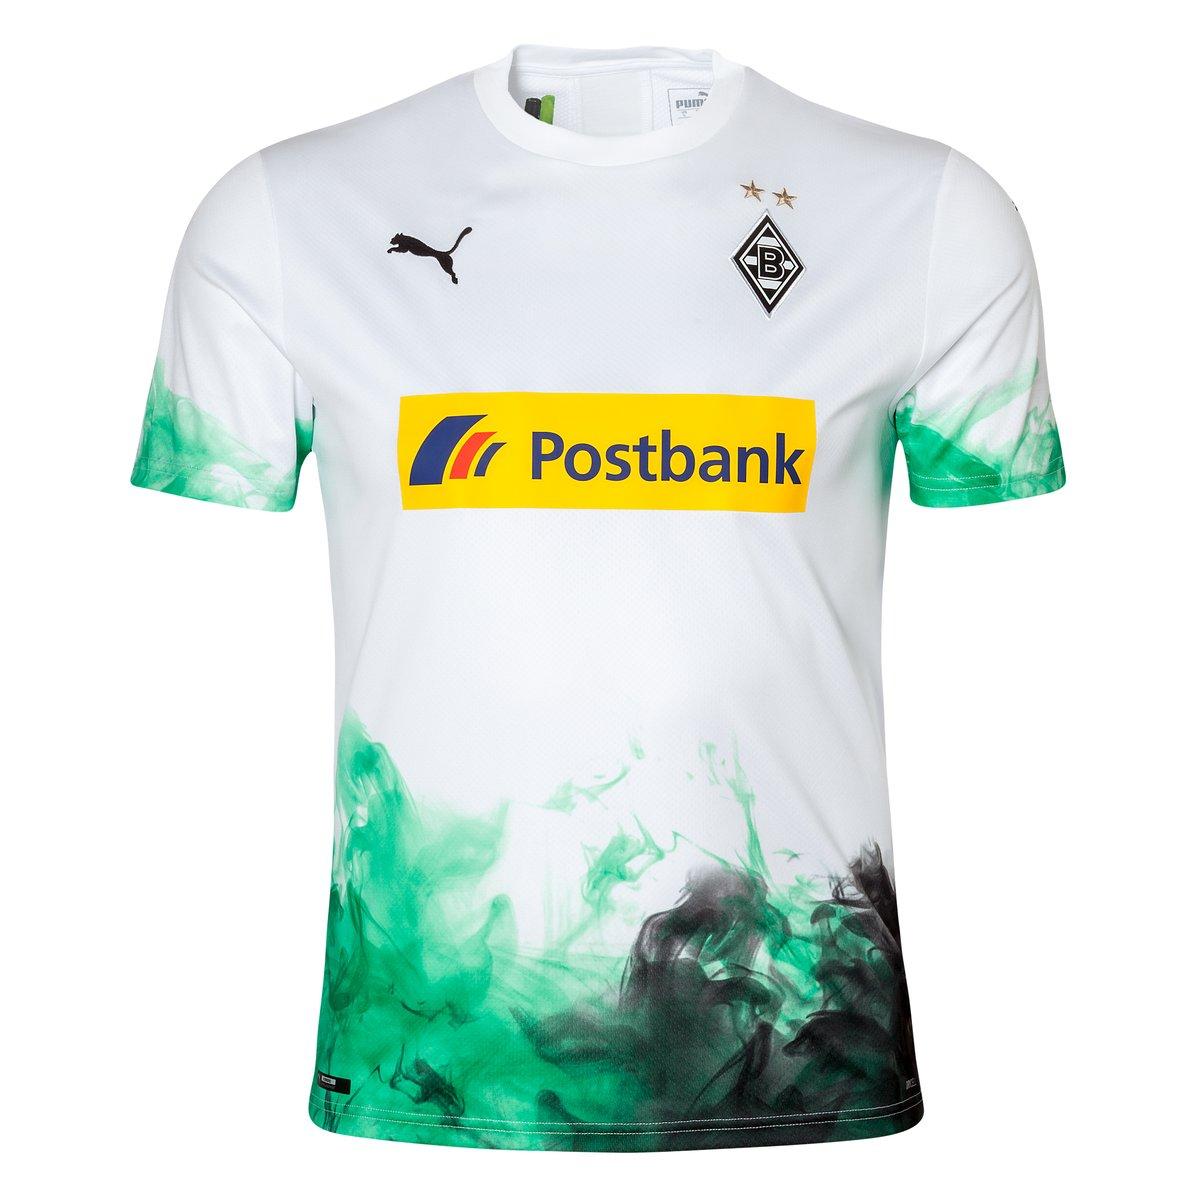 Pai Fage Sombrio Alegações Camisas Bonitas Futebol Hearthesun Com